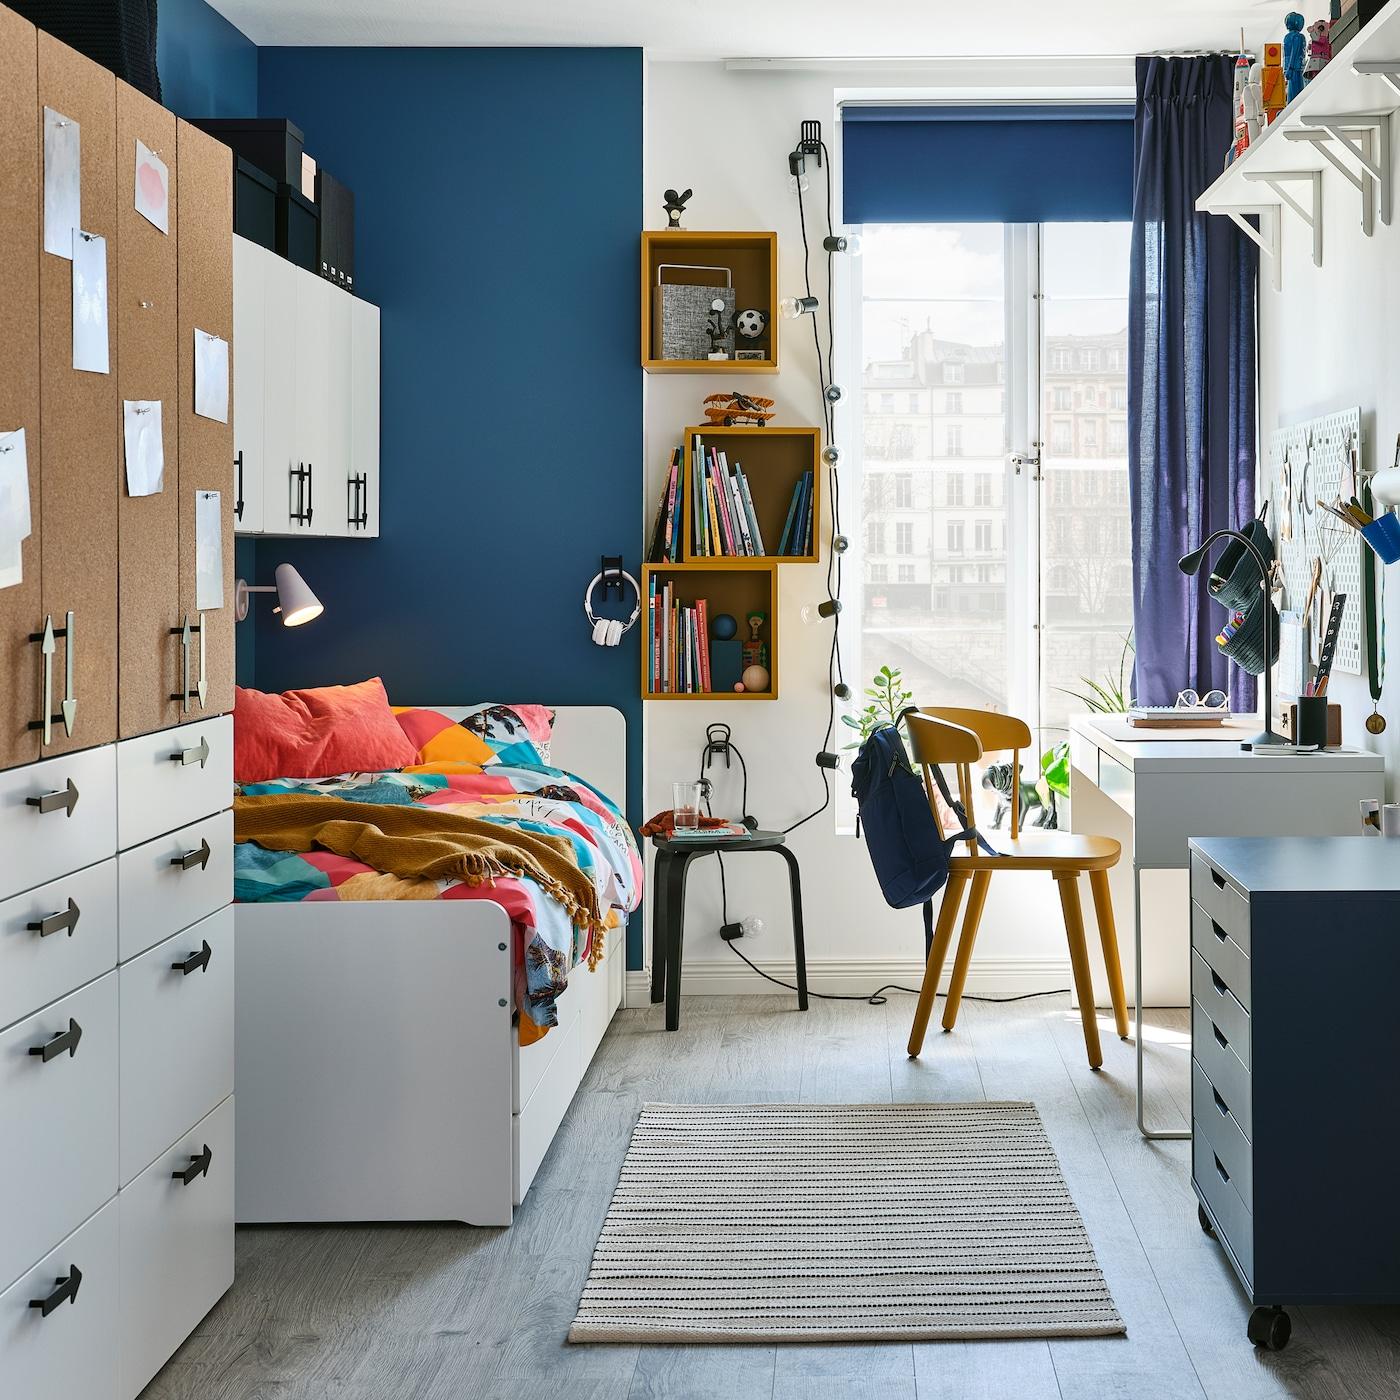 Pokój dziecięcy z białym łóżkiem, szafą z korkowymi drzwiami, zawieszonymi na ścianie złotobrązowymi szafkami i niebieską zasłoną.